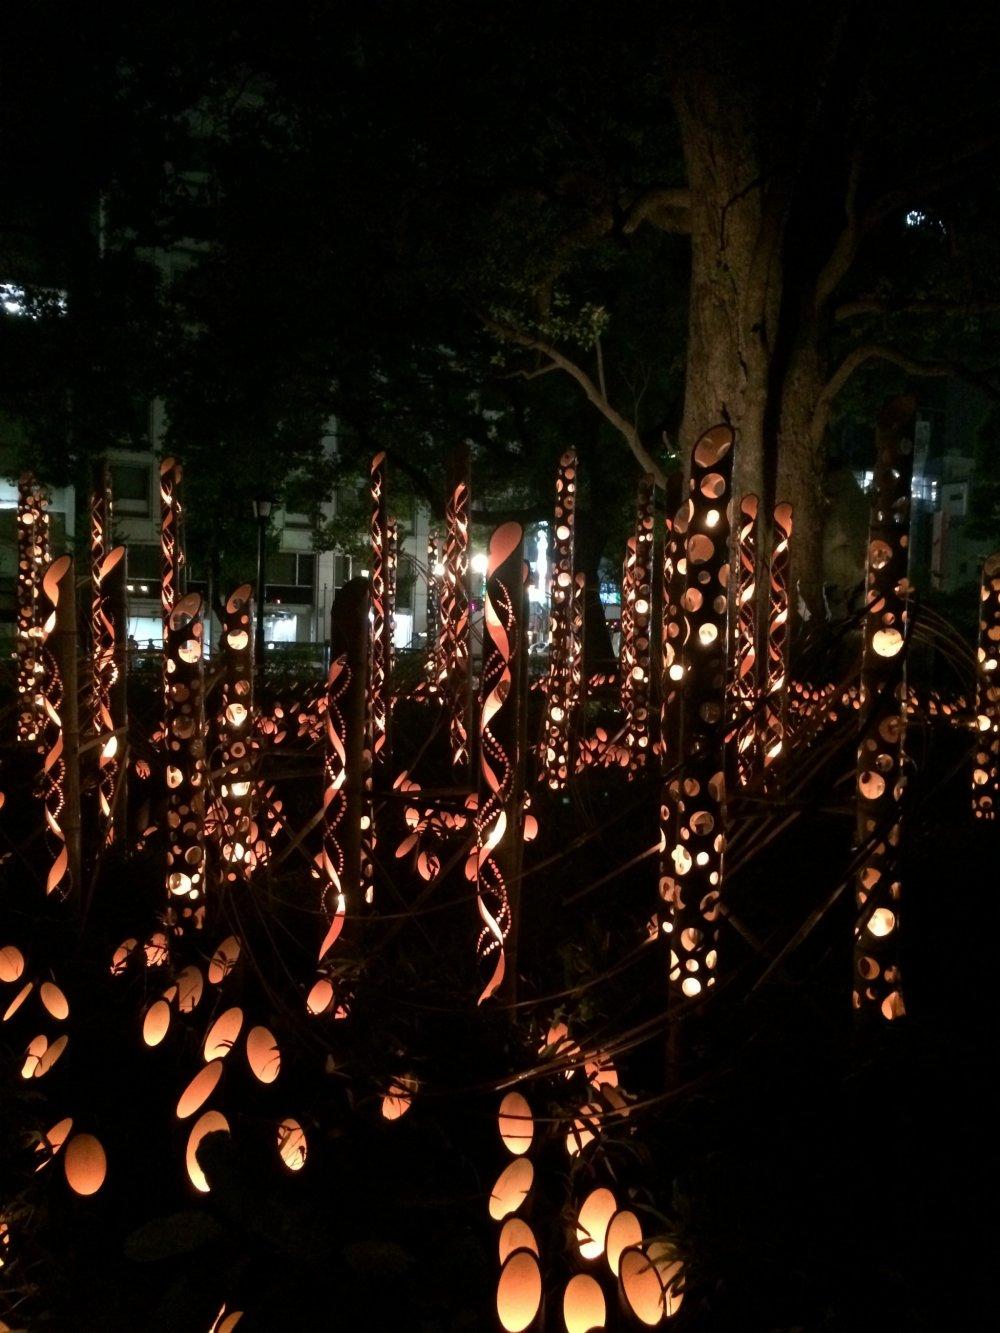 ต้นไม้ใหญ่ของสวนฮะนะบะทะตกแต่งด้วยแสงไฟสำหรับงานเทศกาล